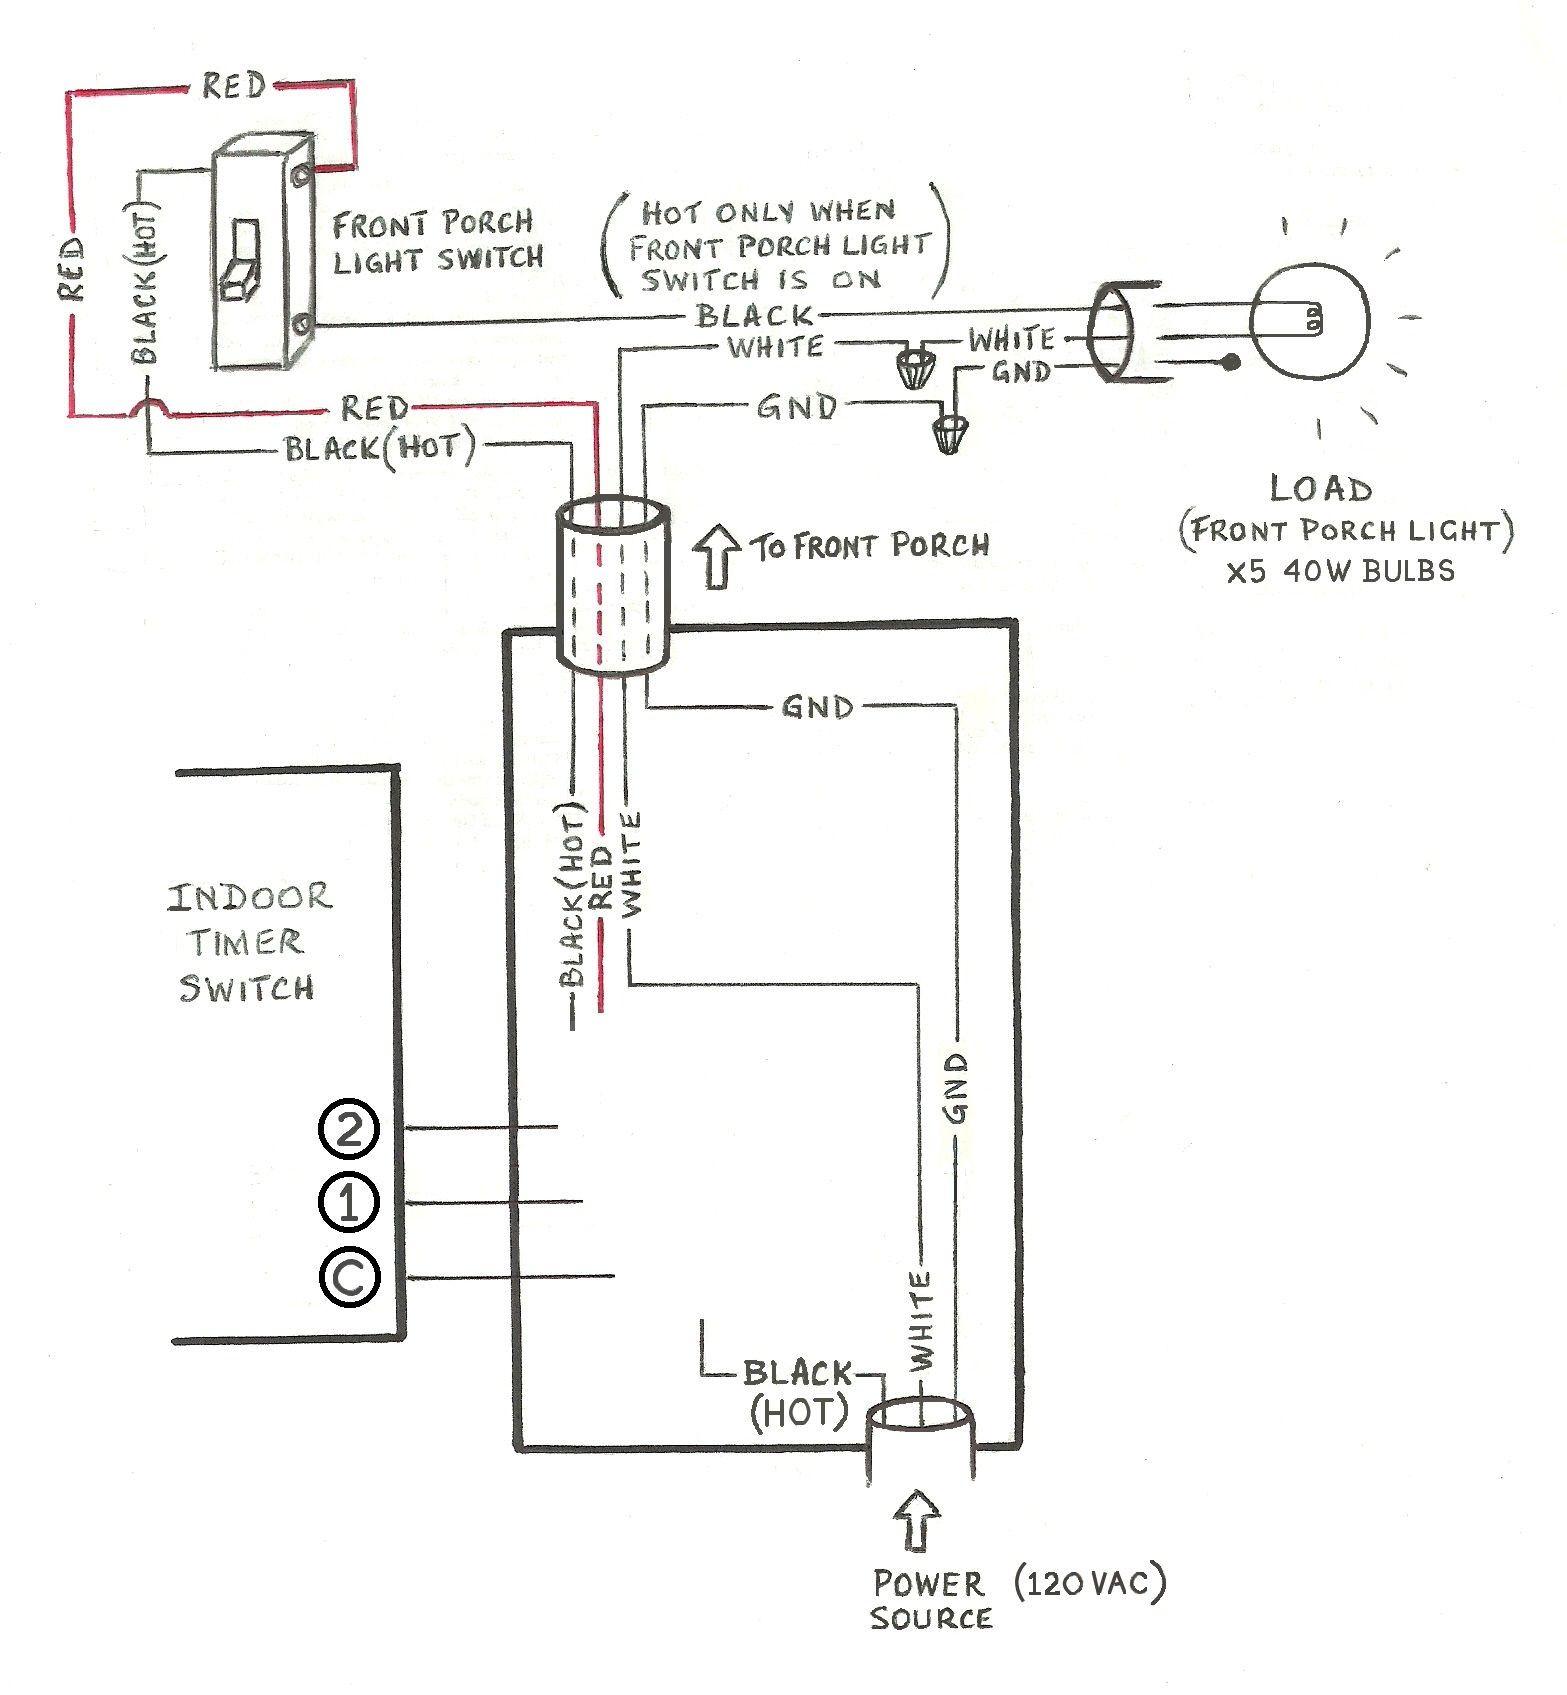 Unique Simple Electrical Circuit Diagram Diagram Wiringdiagram Diagramming Diagramm Visuals Vi Light Switch Wiring Light Switch Electrical Wiring Diagram